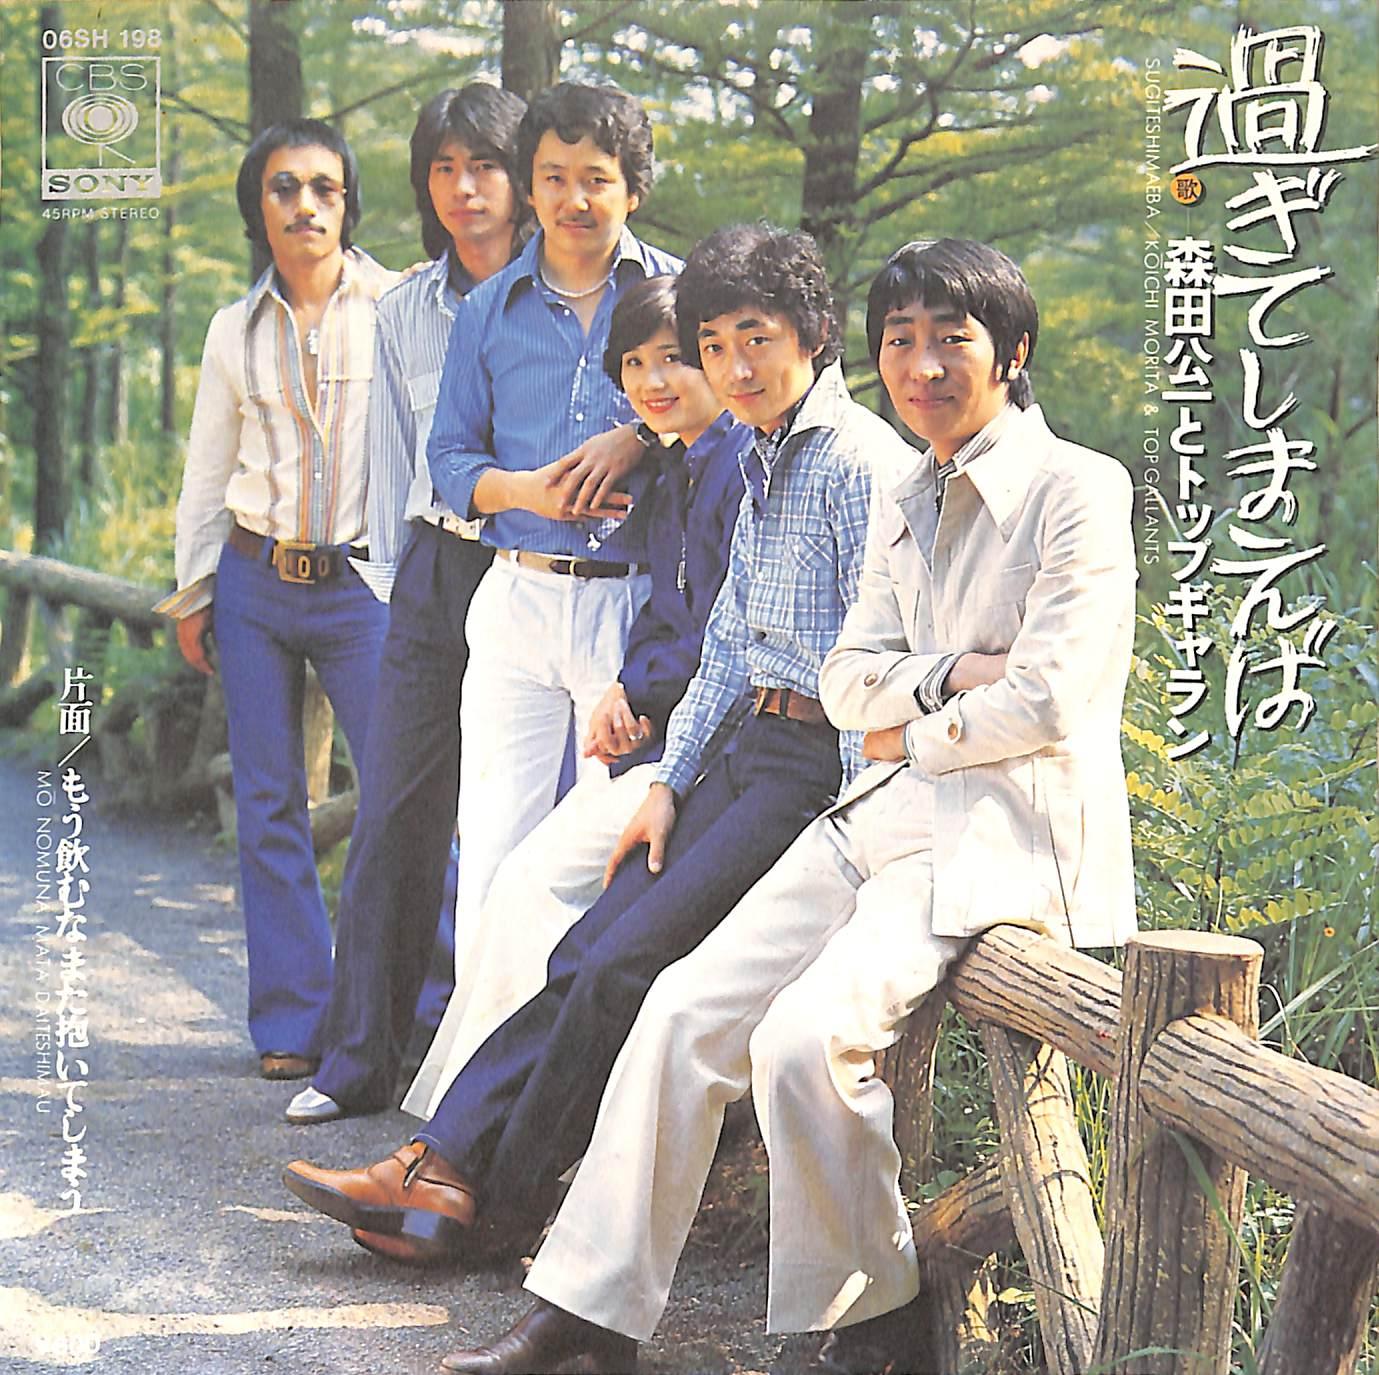 過ぎてしまえば 森田公一とトップギャラン ジャケットイメージ